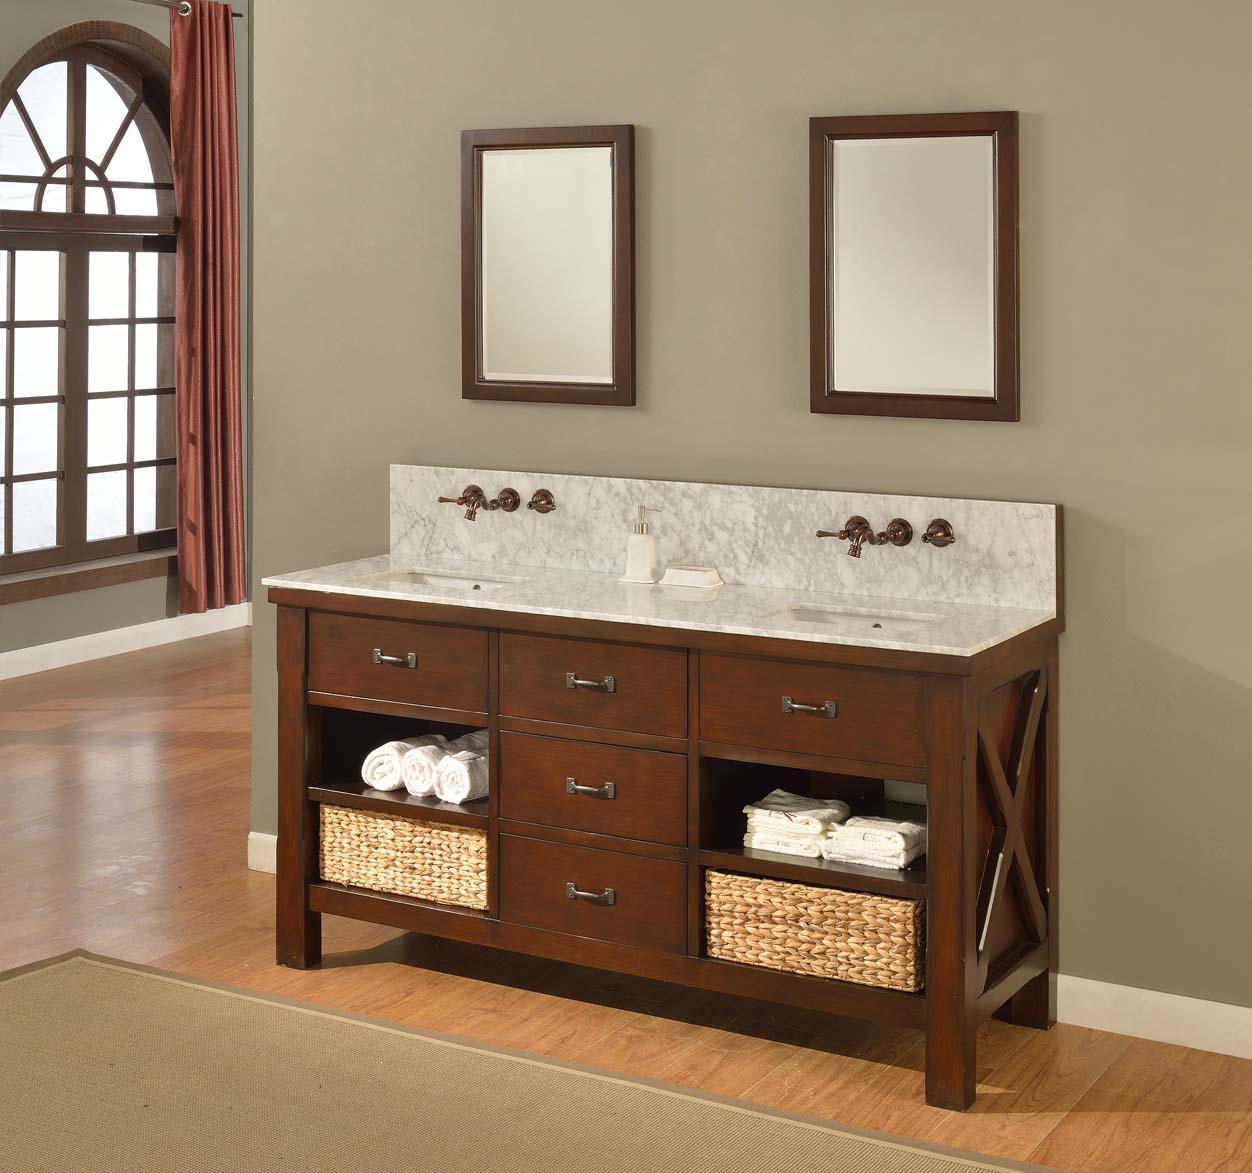 Wall mount faucet bathroom - Beautiful Wall Mount Faucet Bathroom Contemporary Bathroom